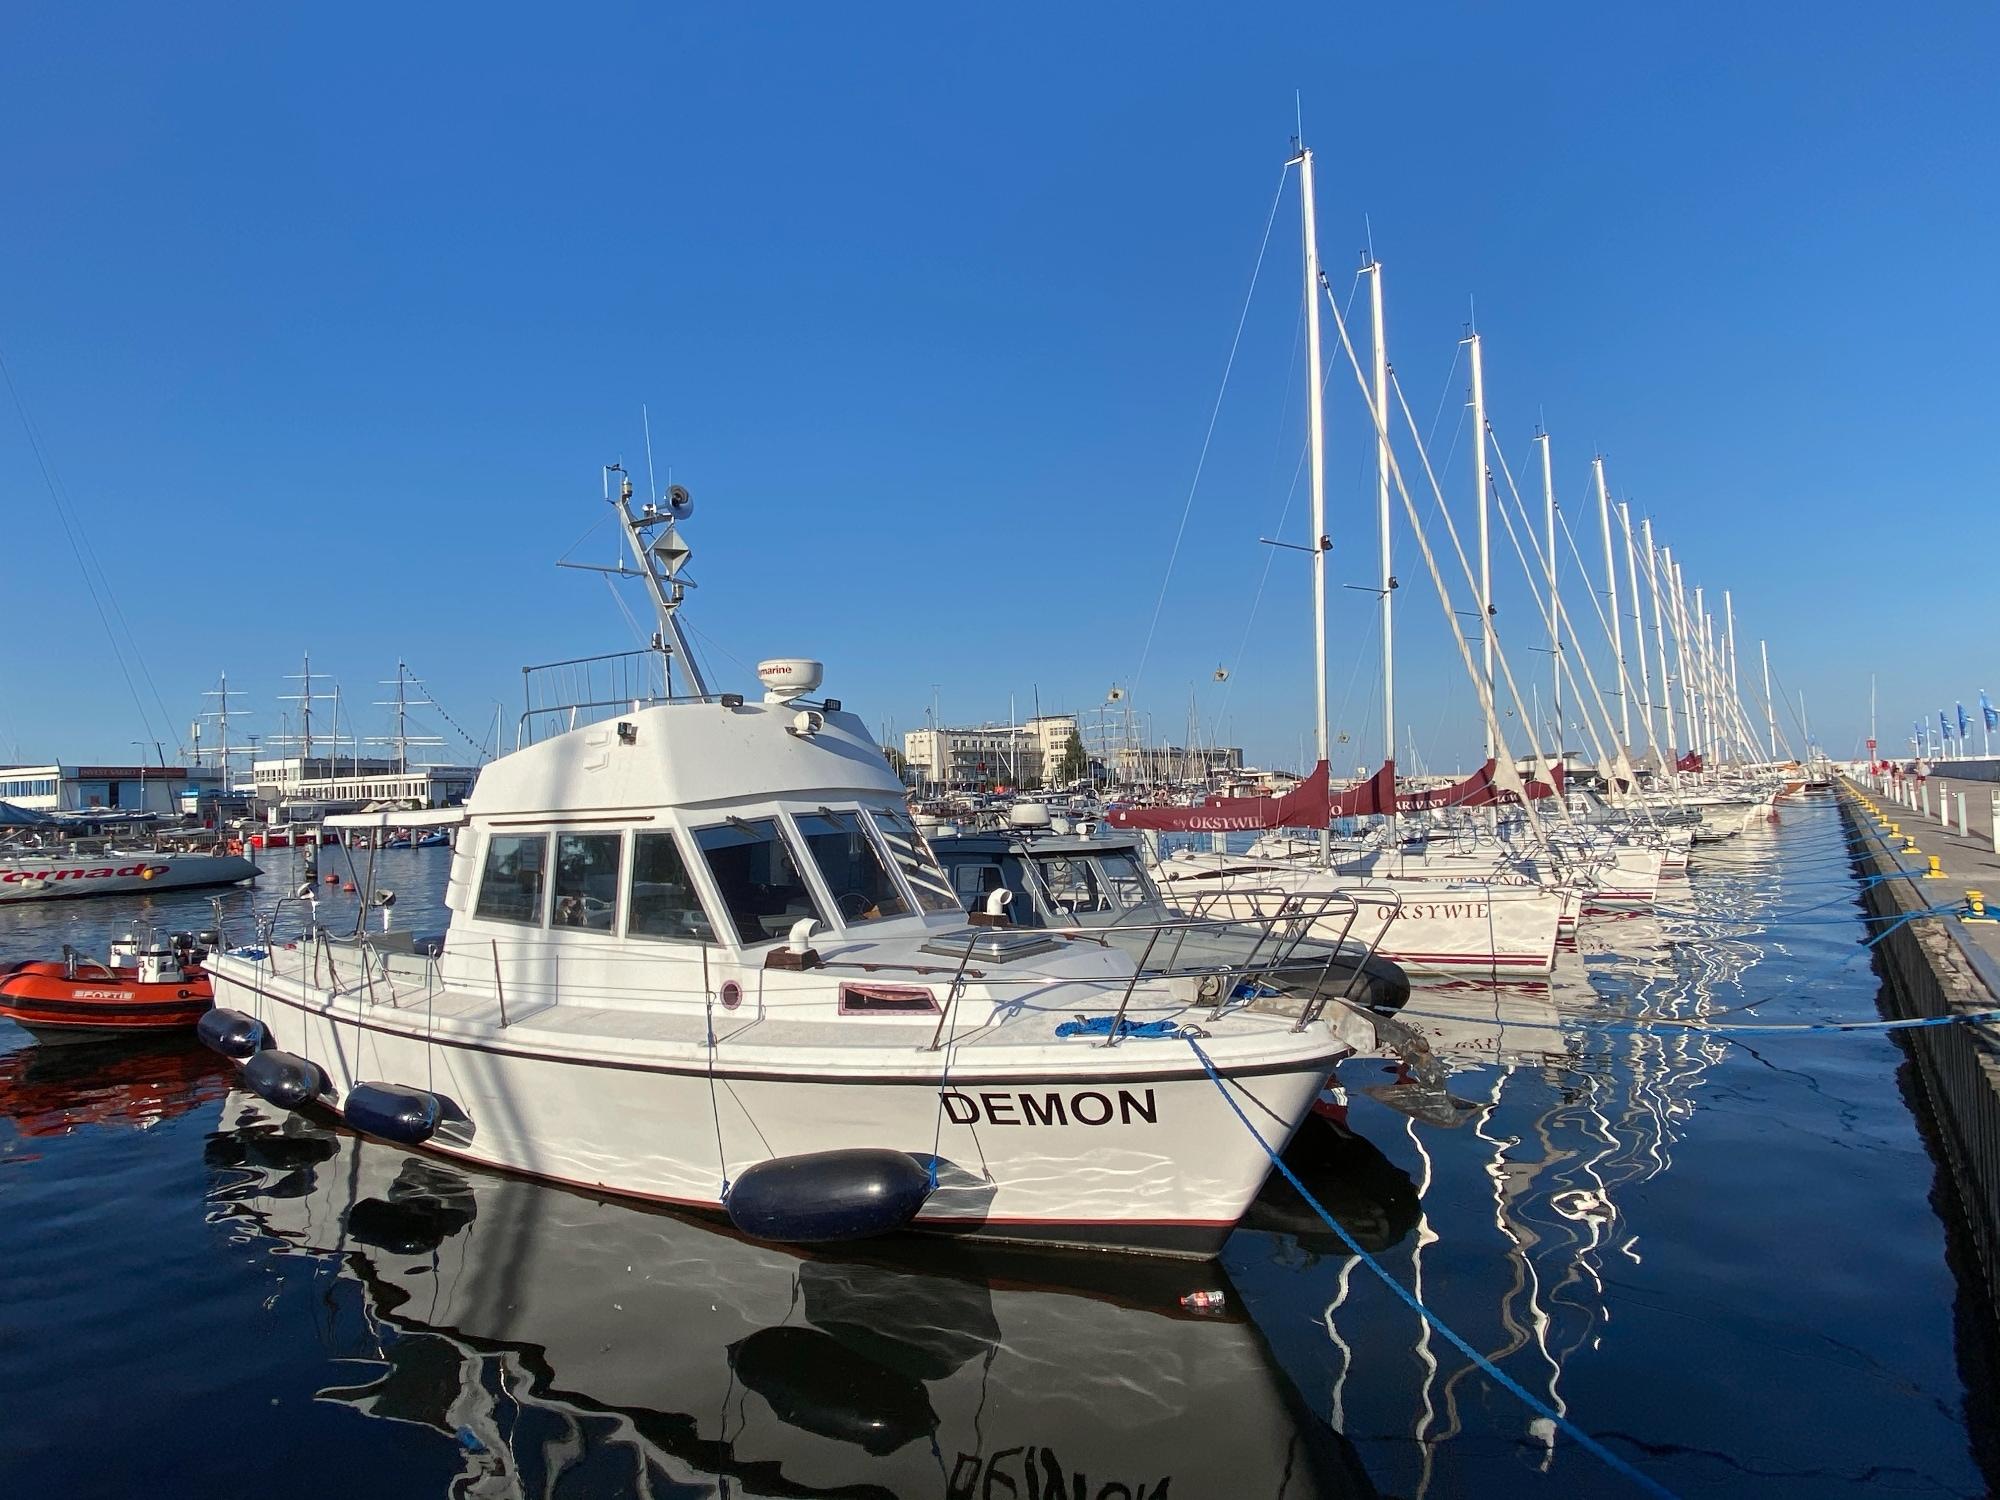 Gdynia Pier